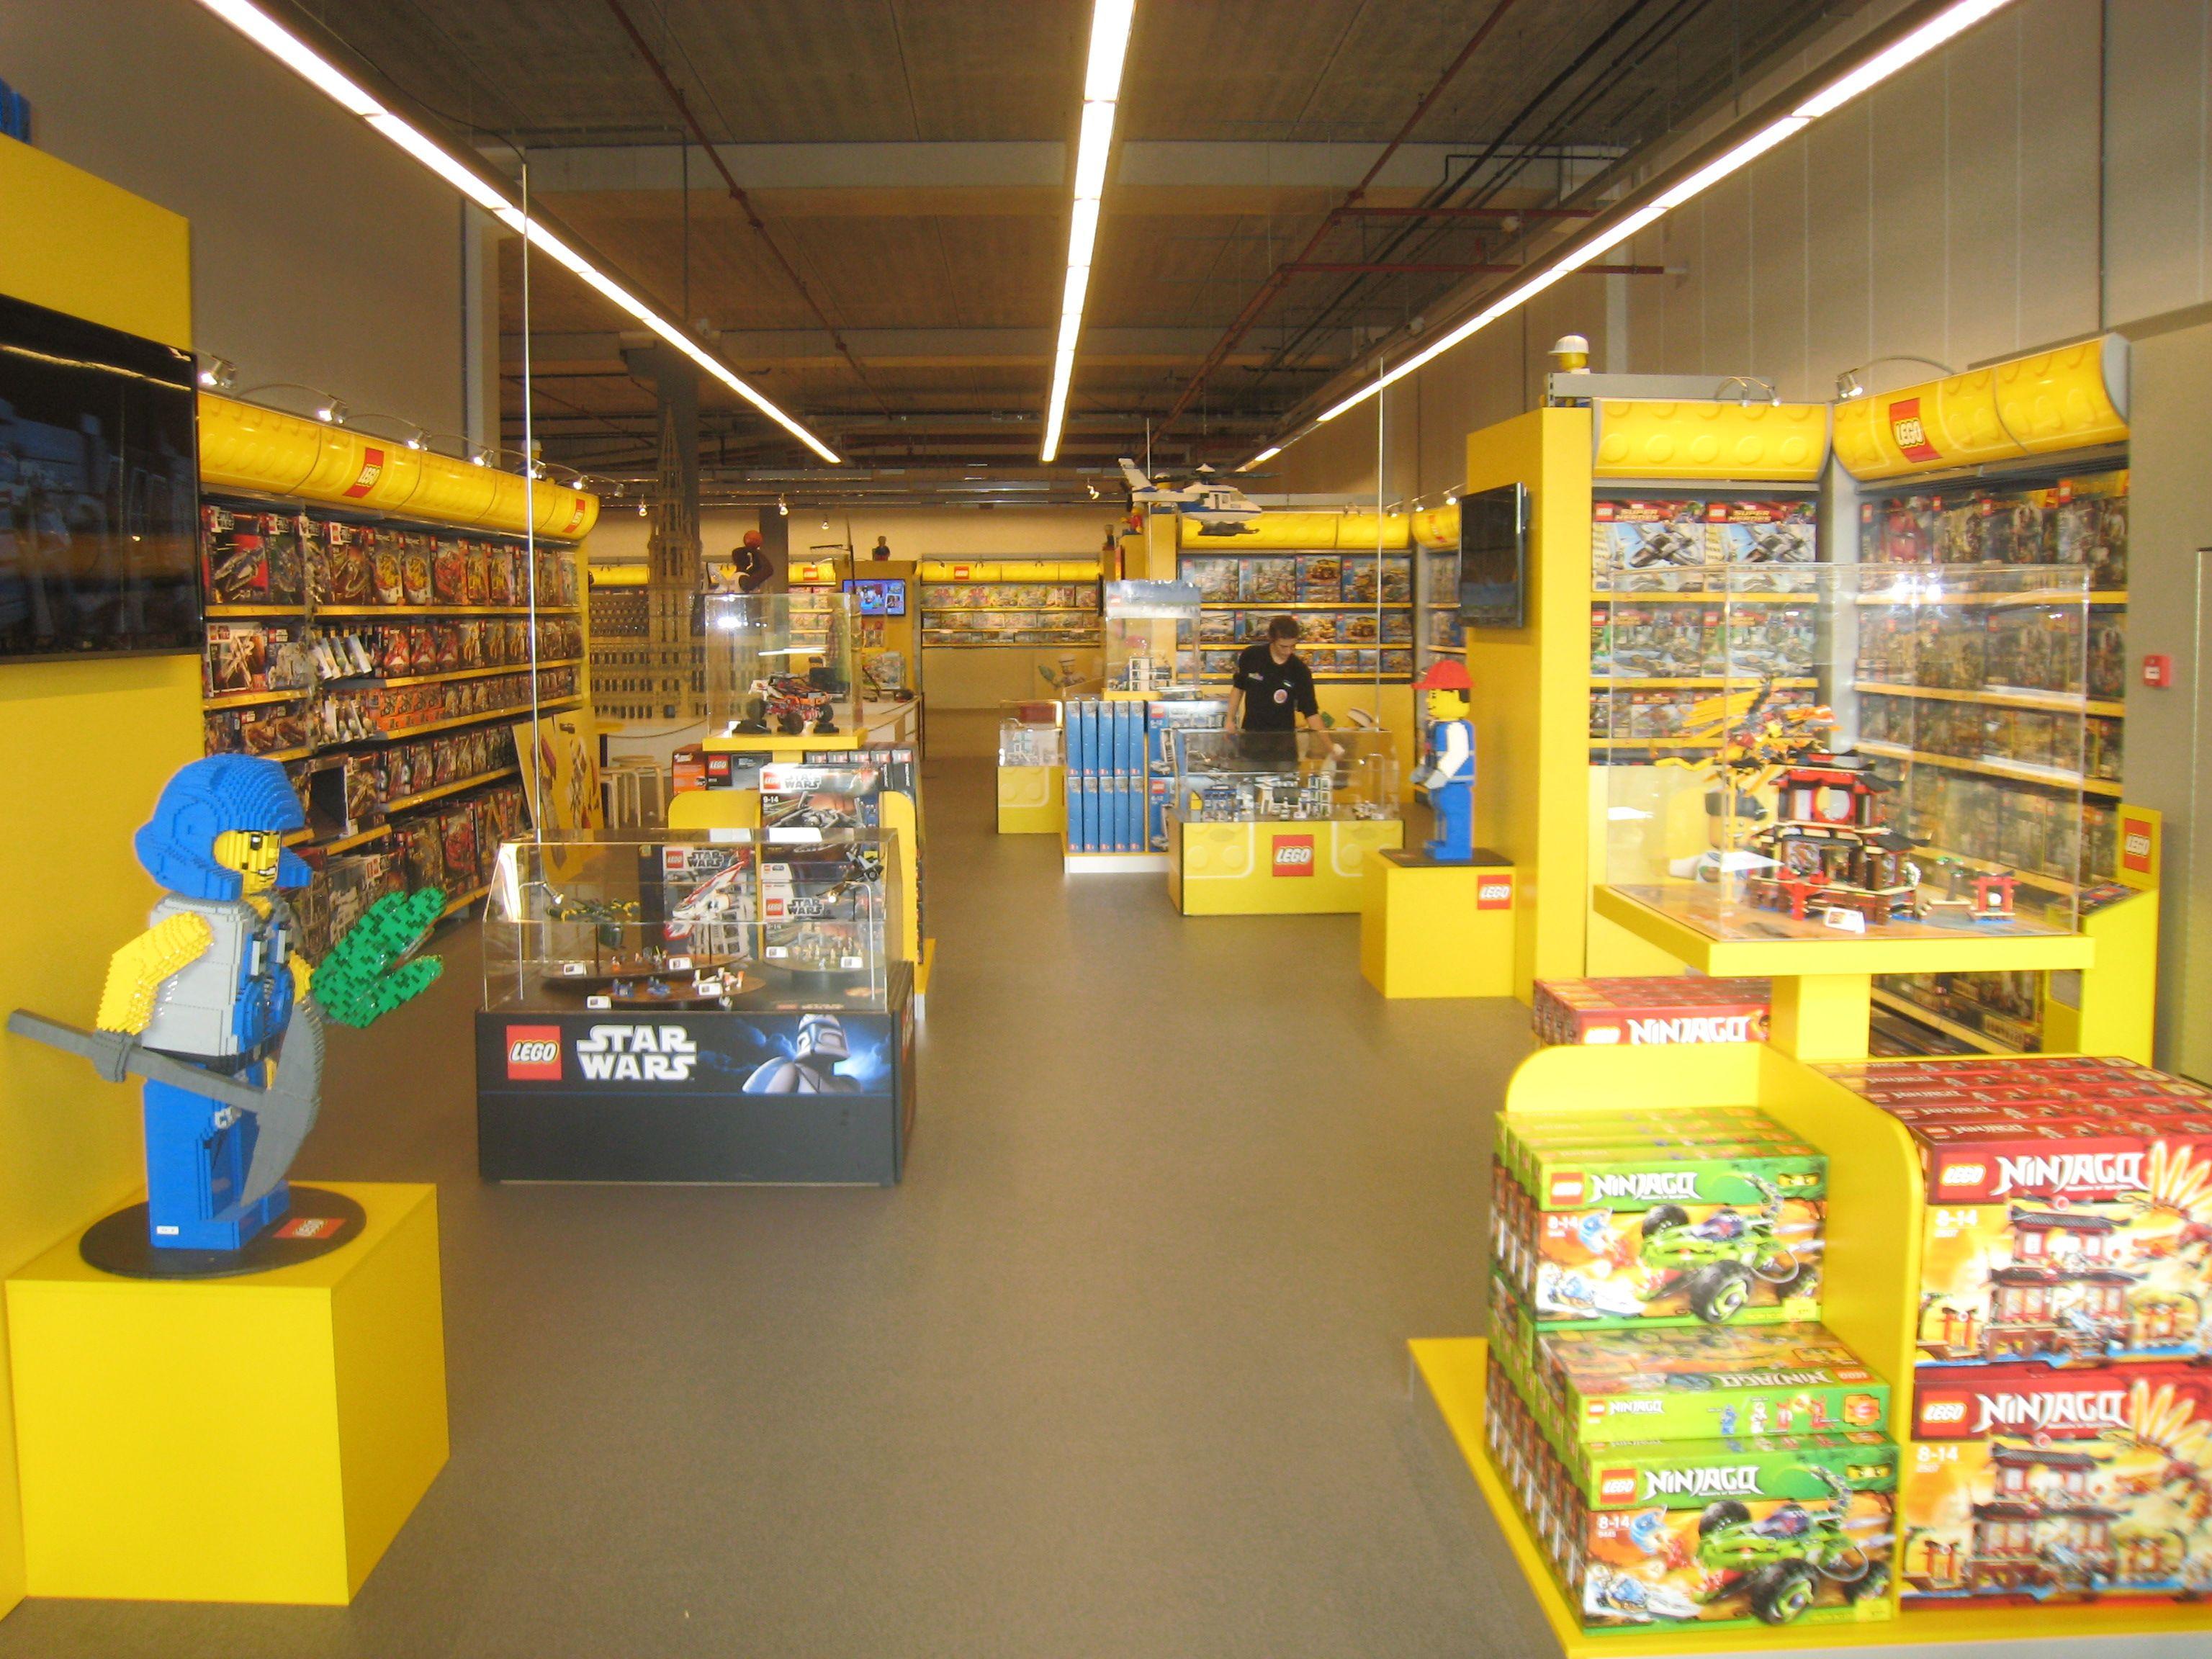 Nieuwe Lego Superstore In Toys Xl Utrecht The Wall Locatie Www Toysxl Nl Winkels Activiteiten Utrecht Winkel